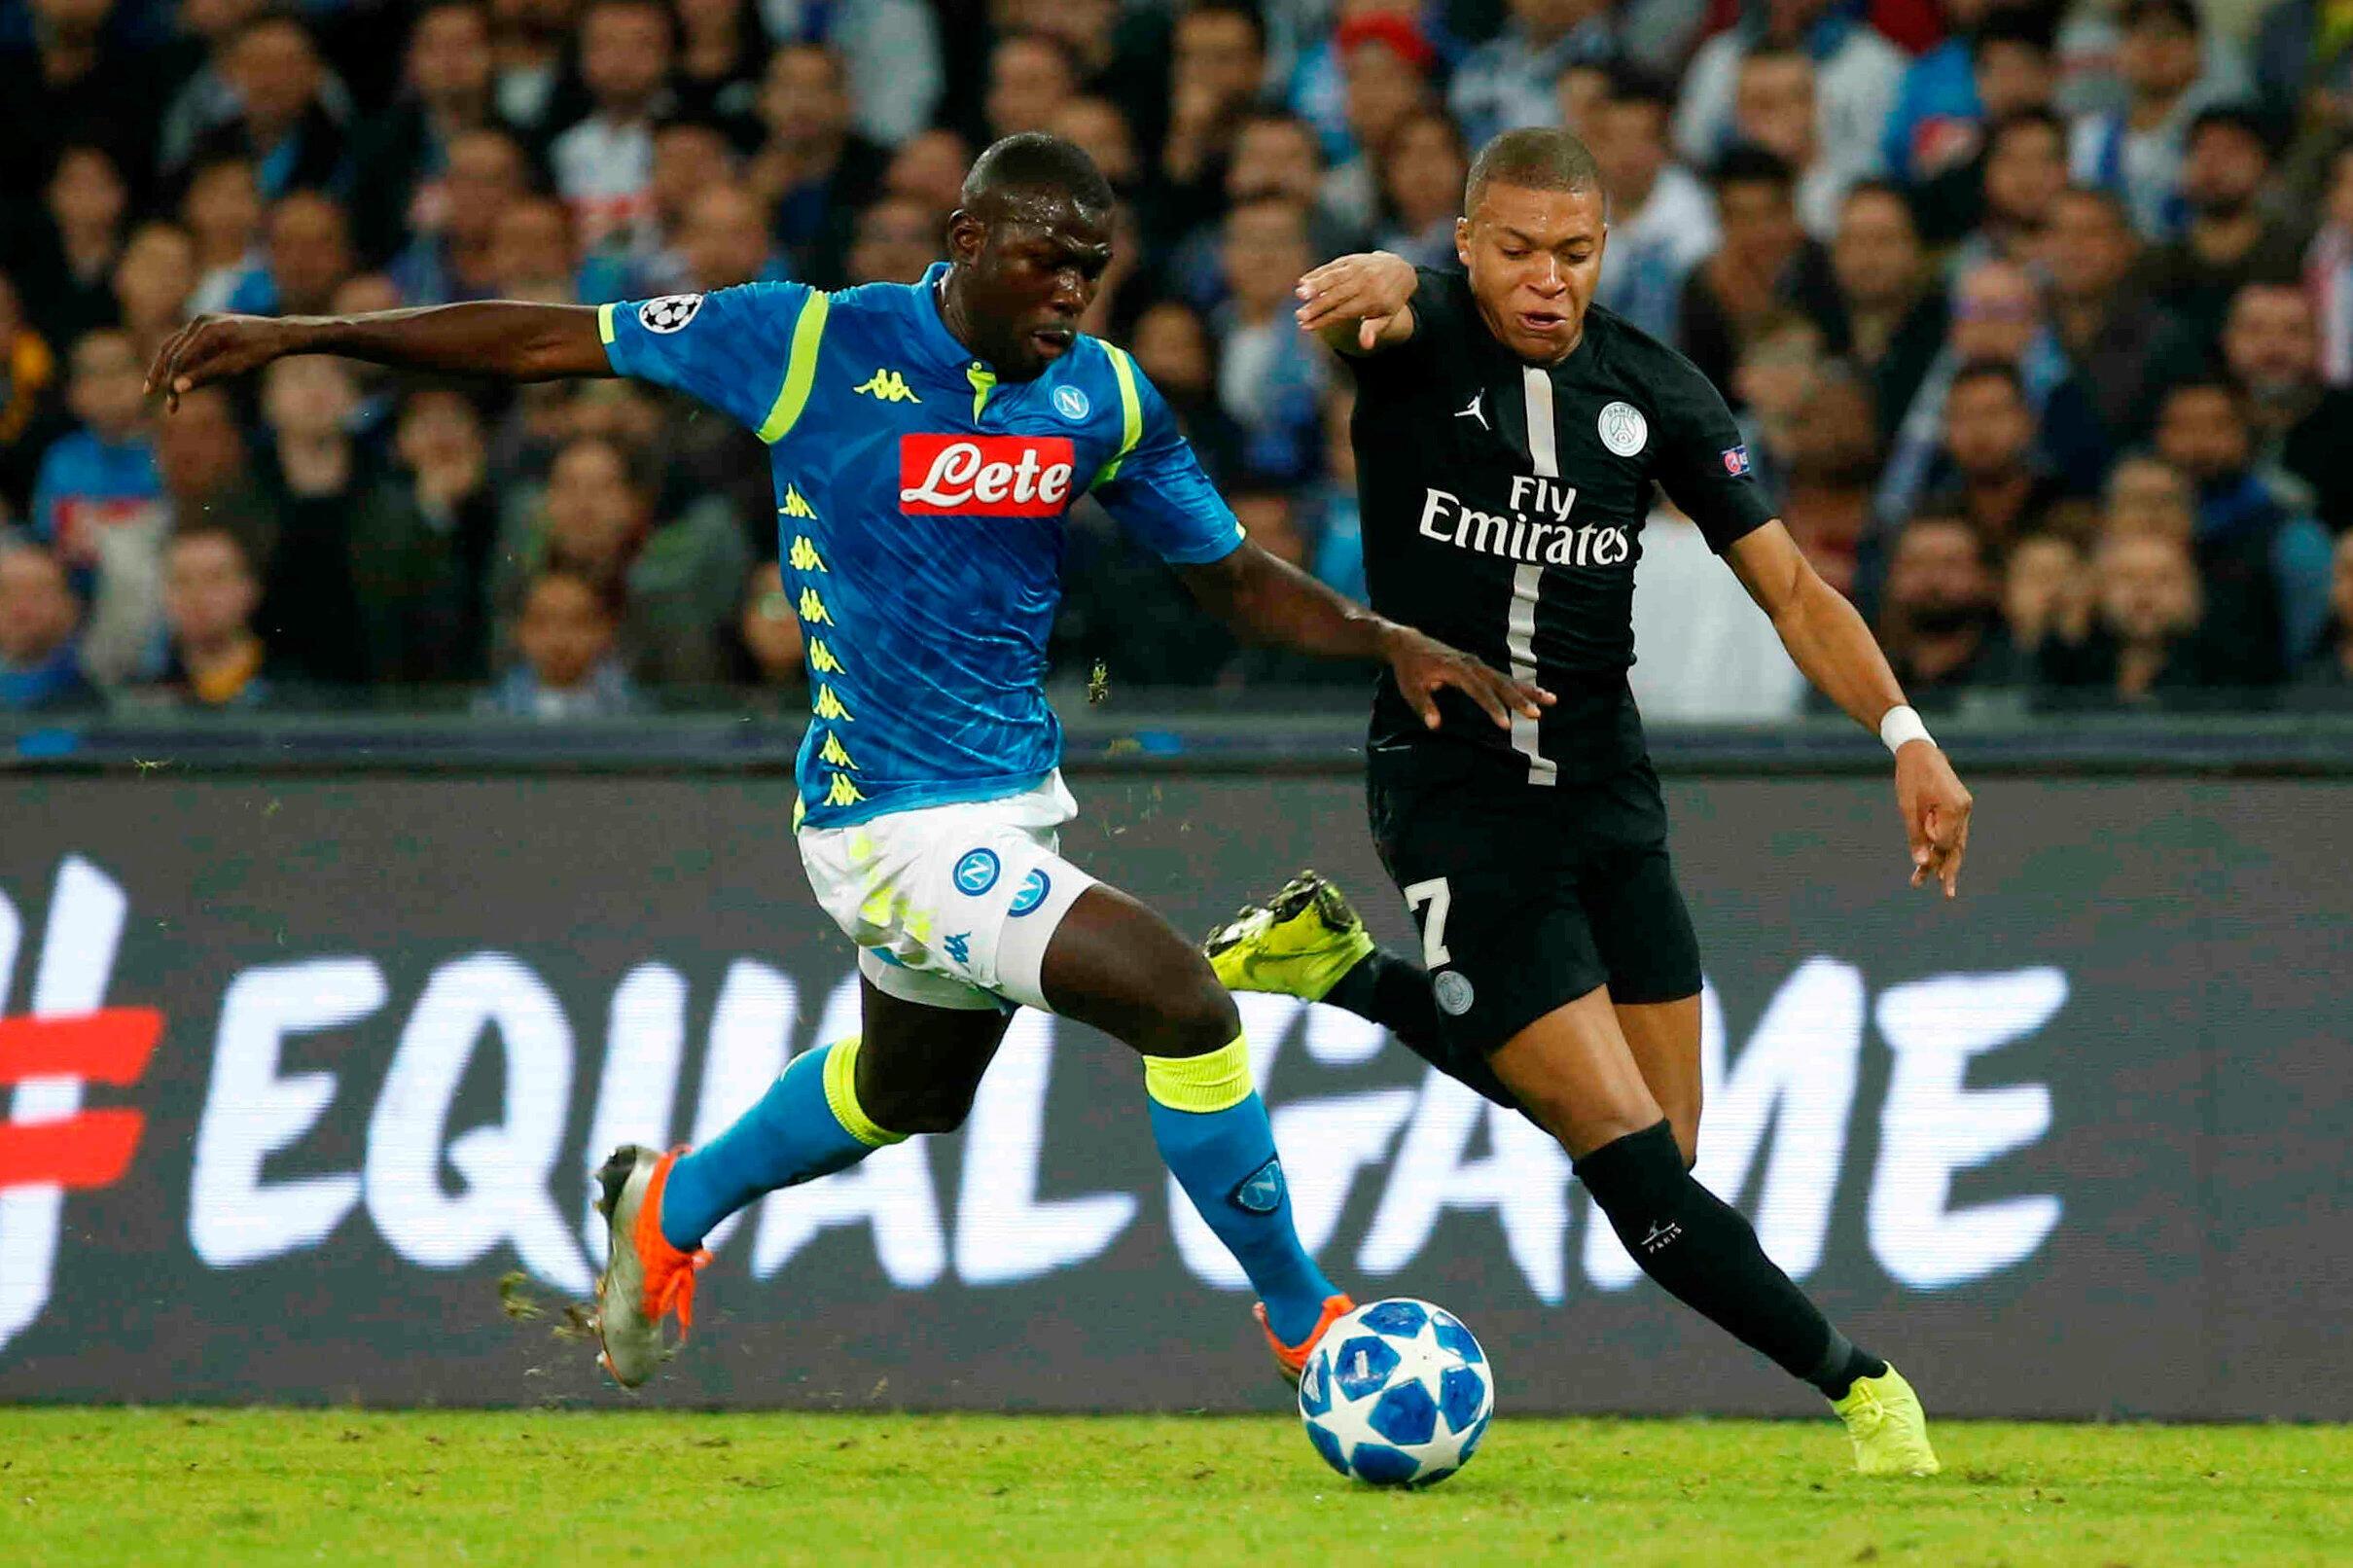 Le Sénégalais Kalidou Koulibaly à la lutte avec le Français Kylian Mbappé, lors de Naples-PSG, en Ligue des champions.